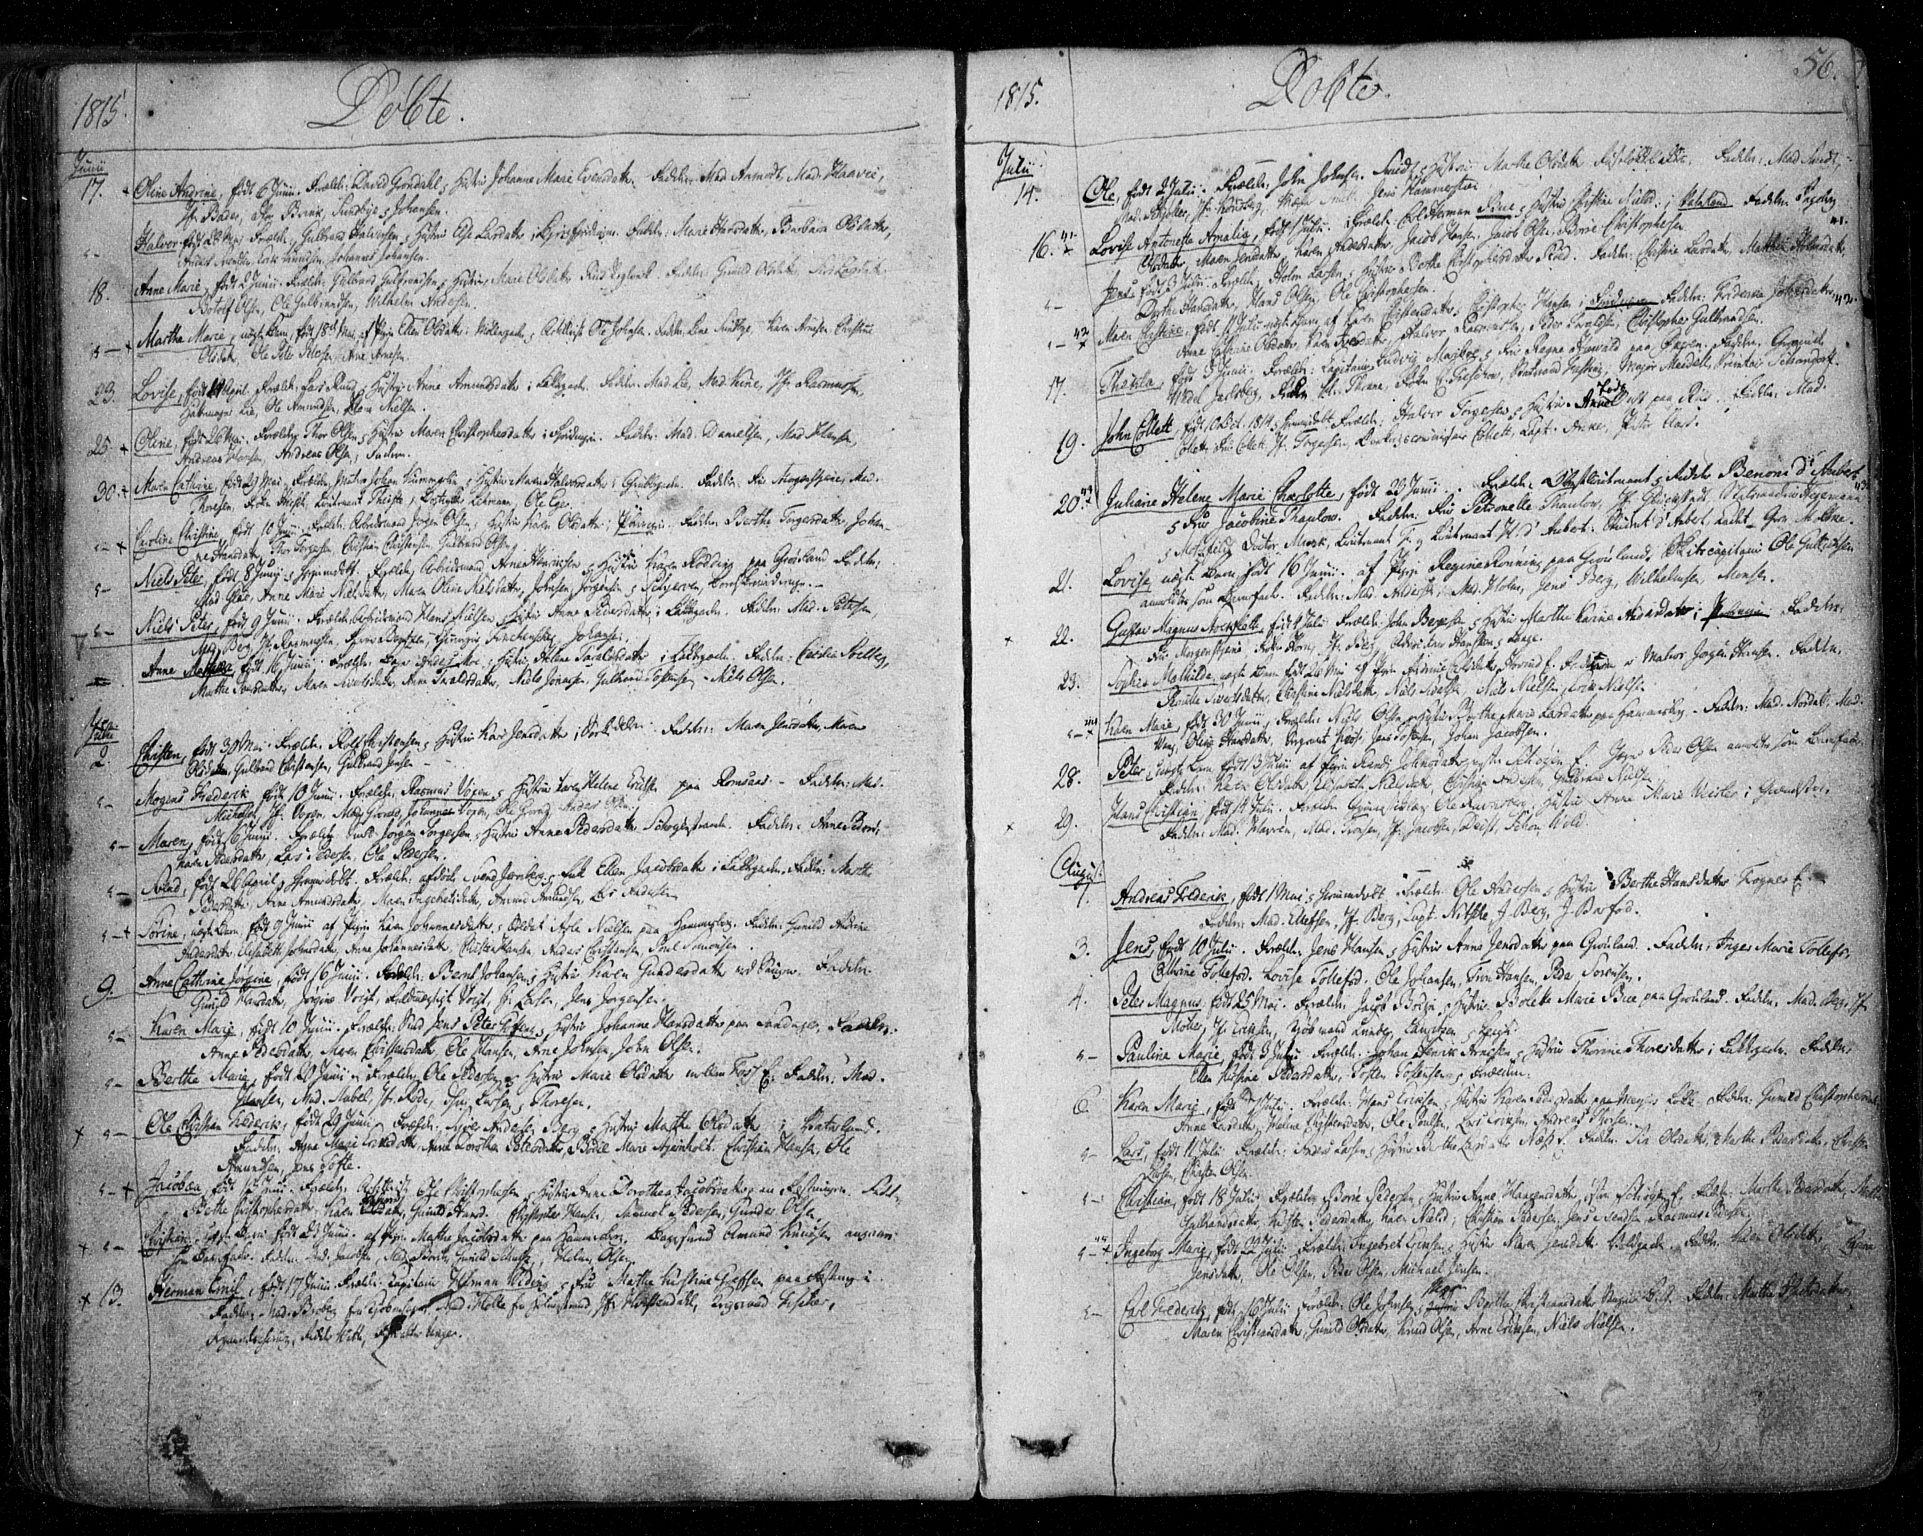 SAO, Aker prestekontor kirkebøker, F/L0011: Ministerialbok nr. 11, 1810-1819, s. 56